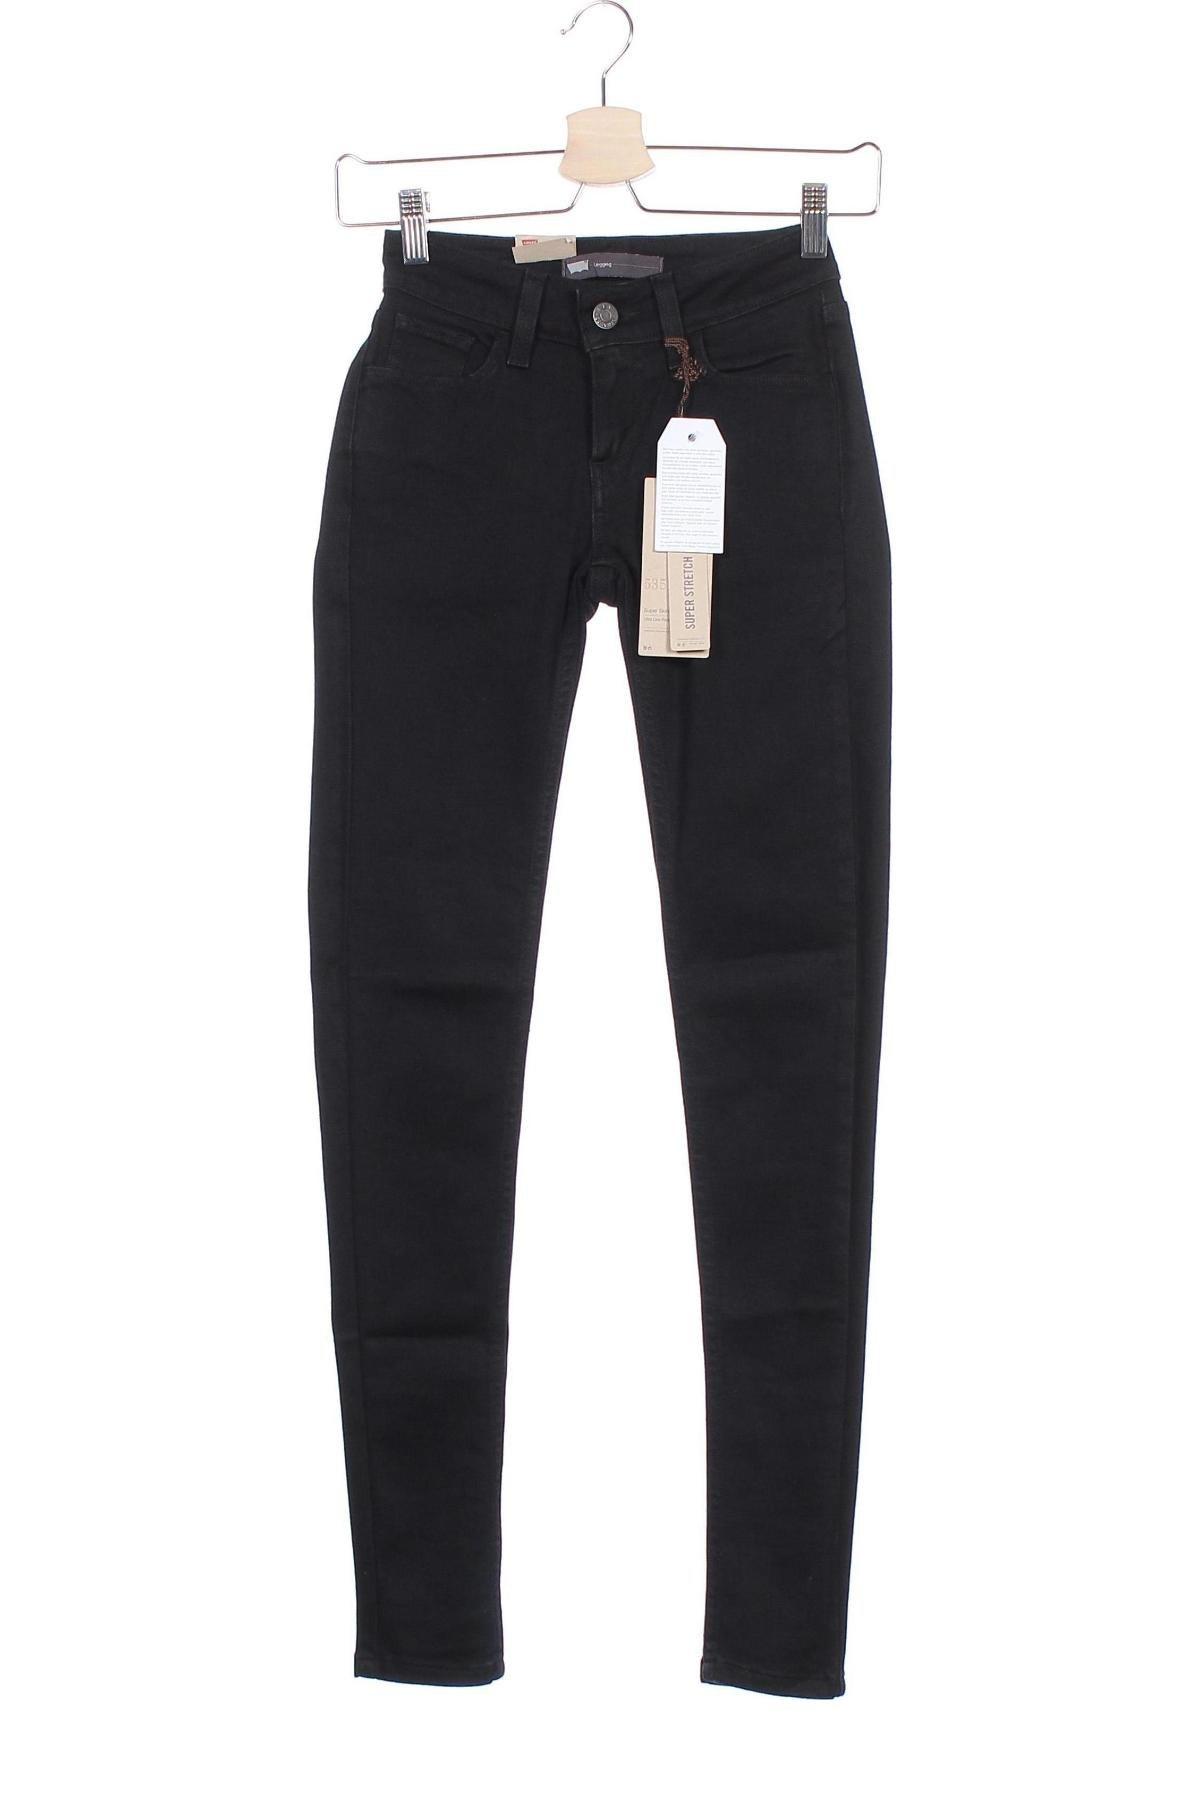 Дамски дънки Levi's, Размер XXS, Цвят Черен, 68% памук, 23% полиестер, 8% вискоза, 1% еластан, Цена 55,60лв.